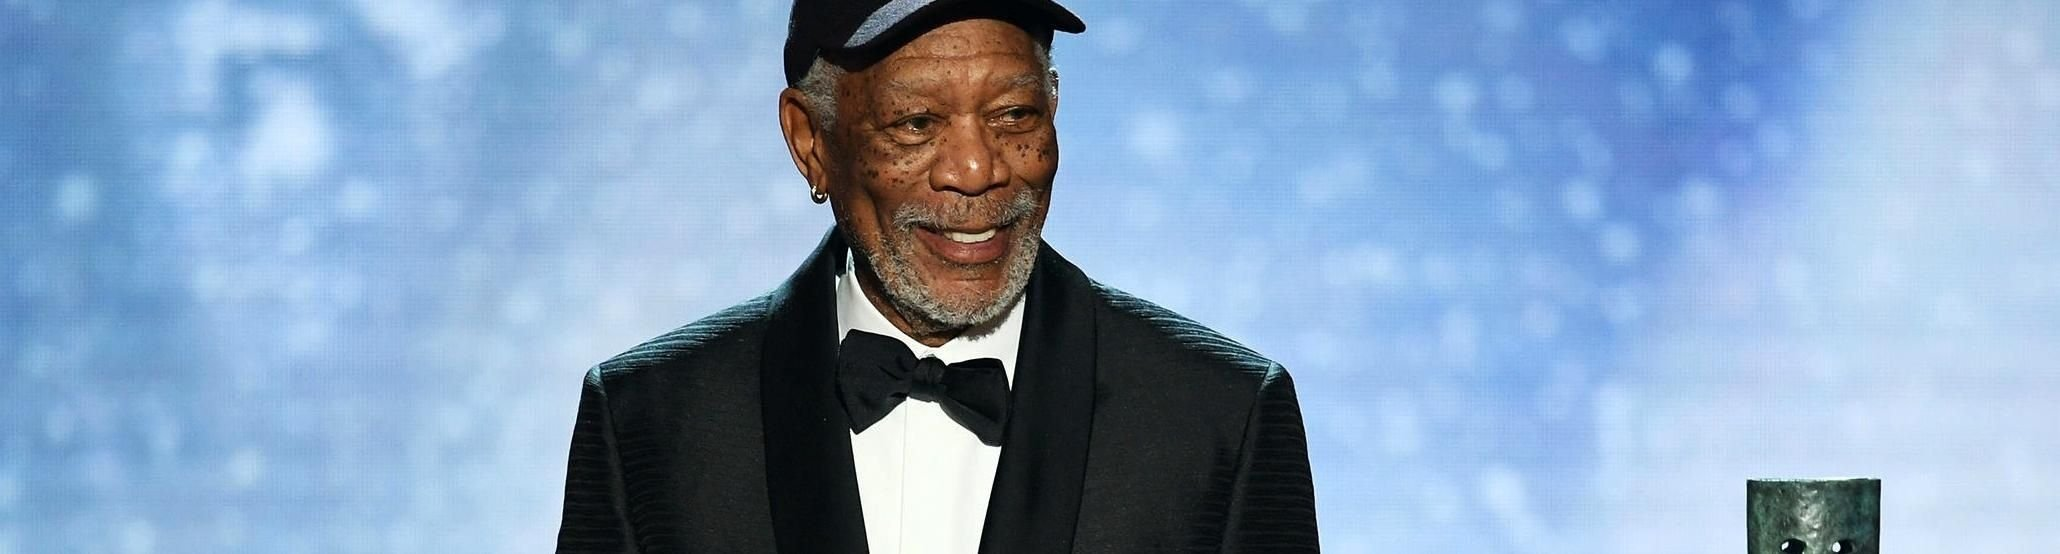 Cae una leyenda: Morgan Freeman fue acusado de acoso sexual por ocho mujeres